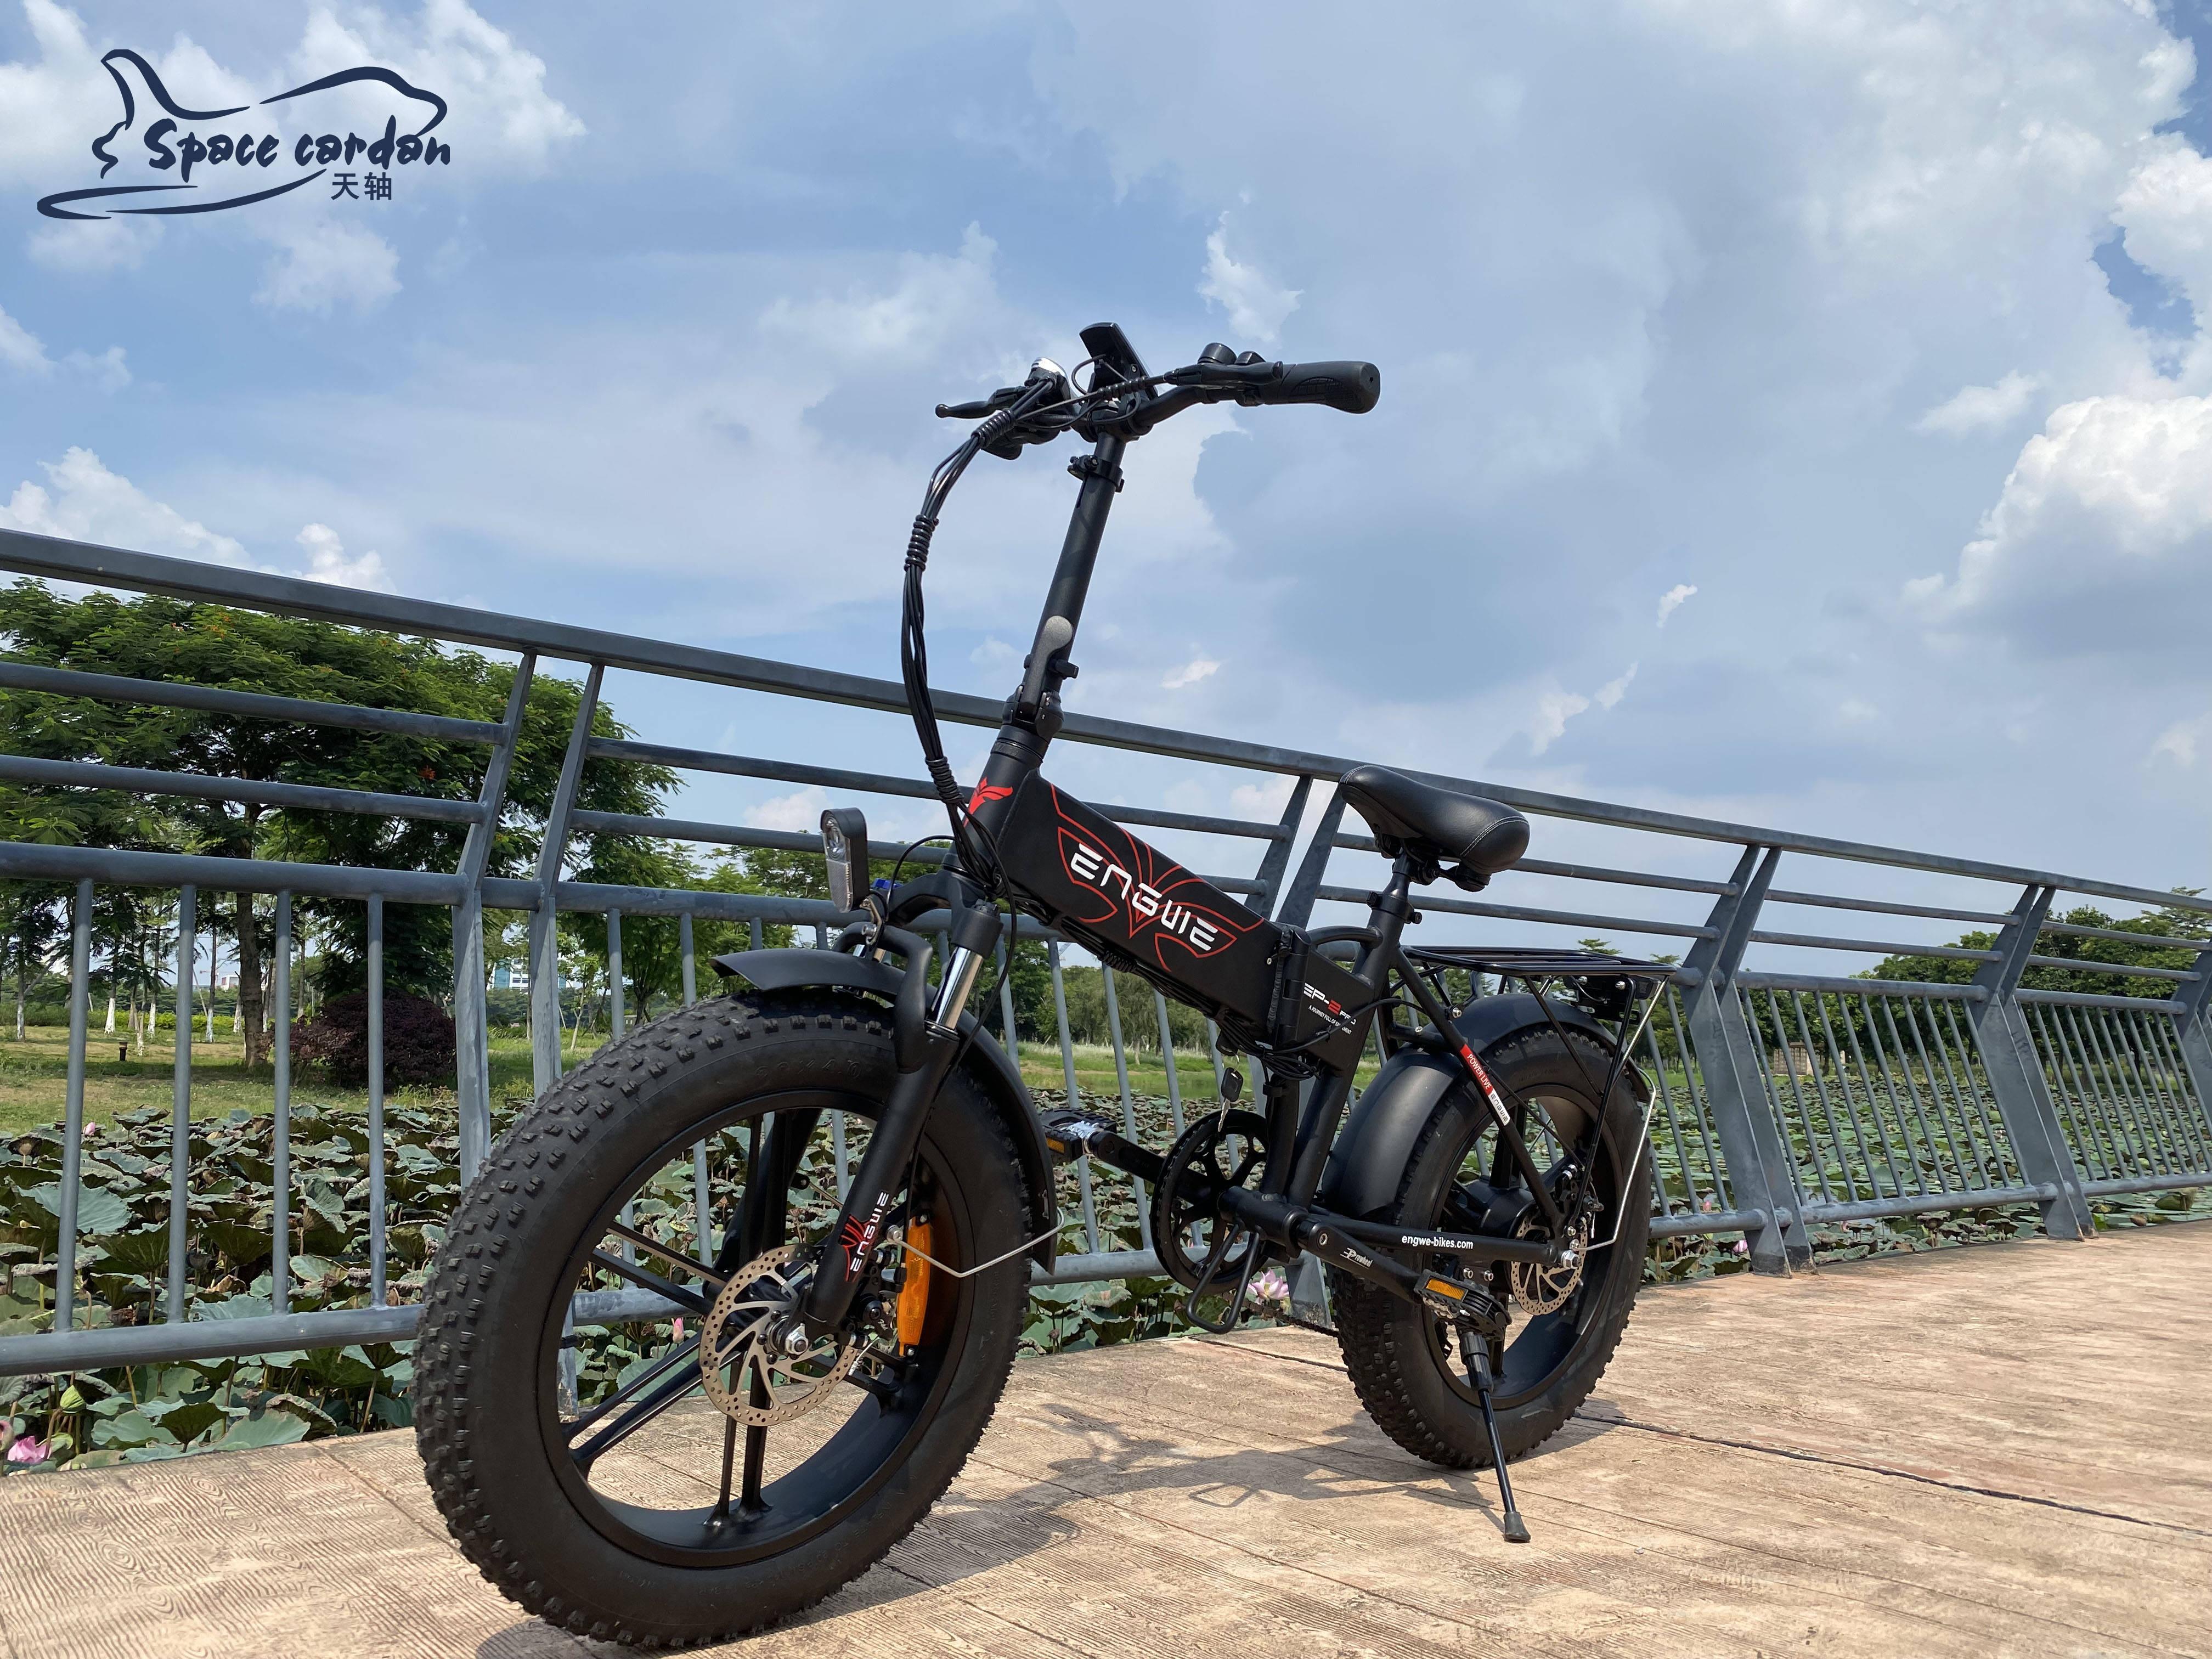 十大品牌电动车排行榜_电动自行车品牌排行:电动自行车十大品牌,天轴电动自行车排名靠前